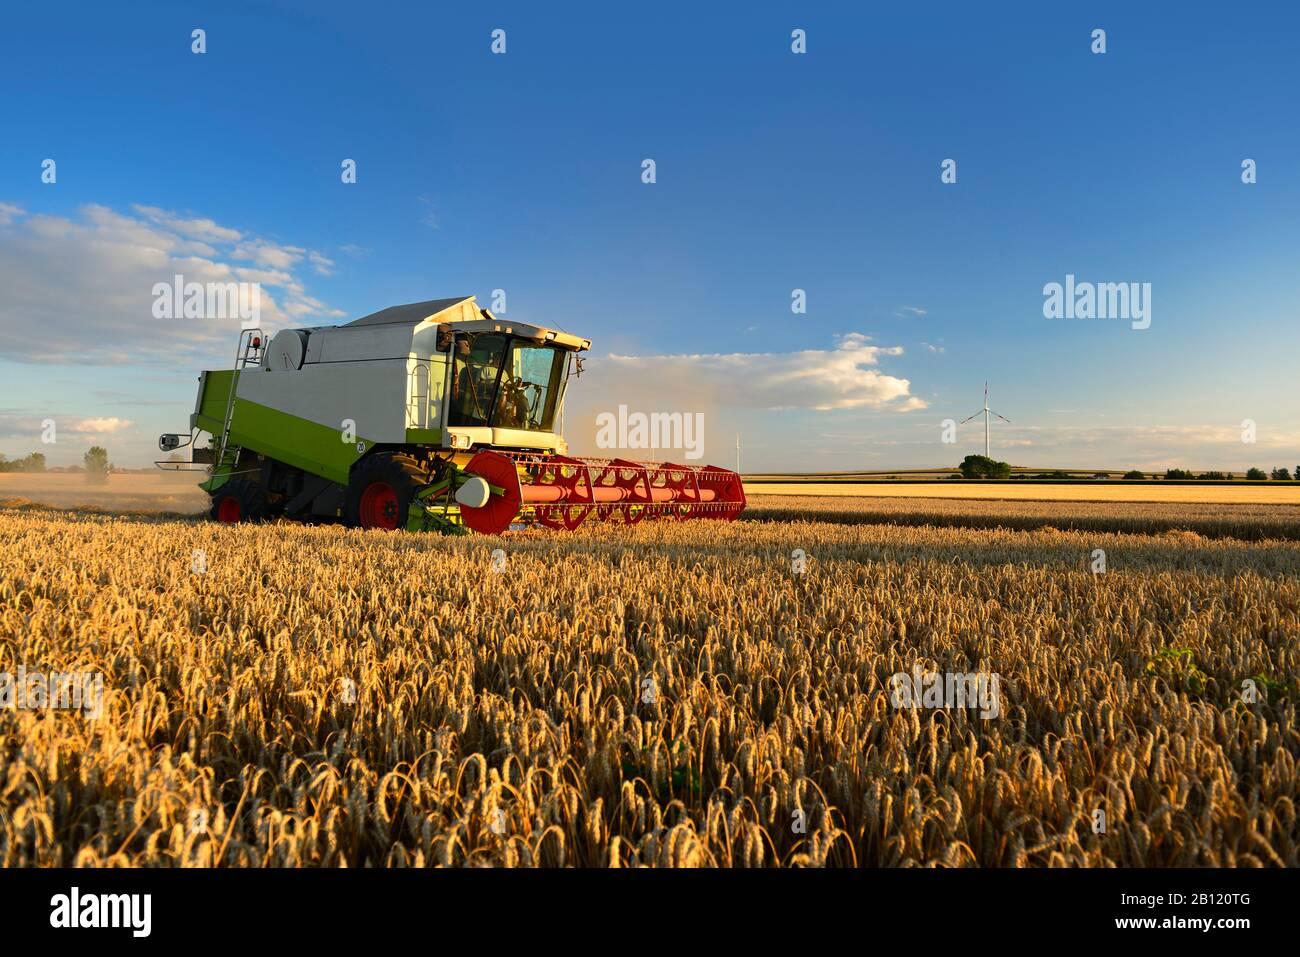 Getreideernte, Mähdrescher im Weizenfeld, Saalekreis, Sachsen-Anhalt, Deutschland Stockfoto